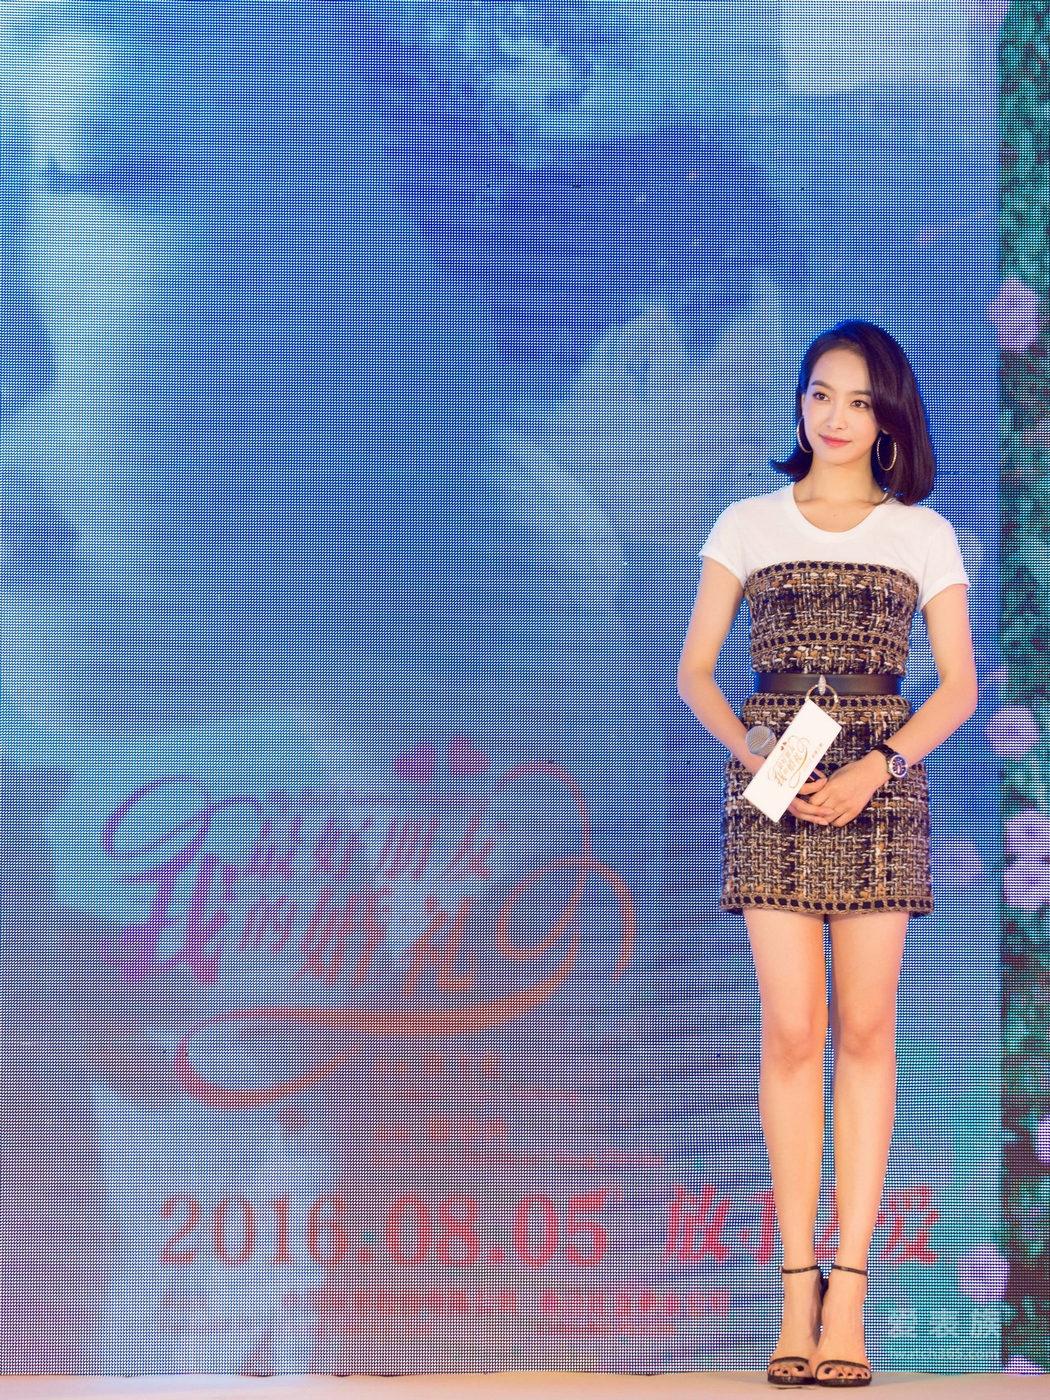 香奈儿—CHANEL明星着装|宋茜-电影《我最好朋友的婚礼》北京发布会